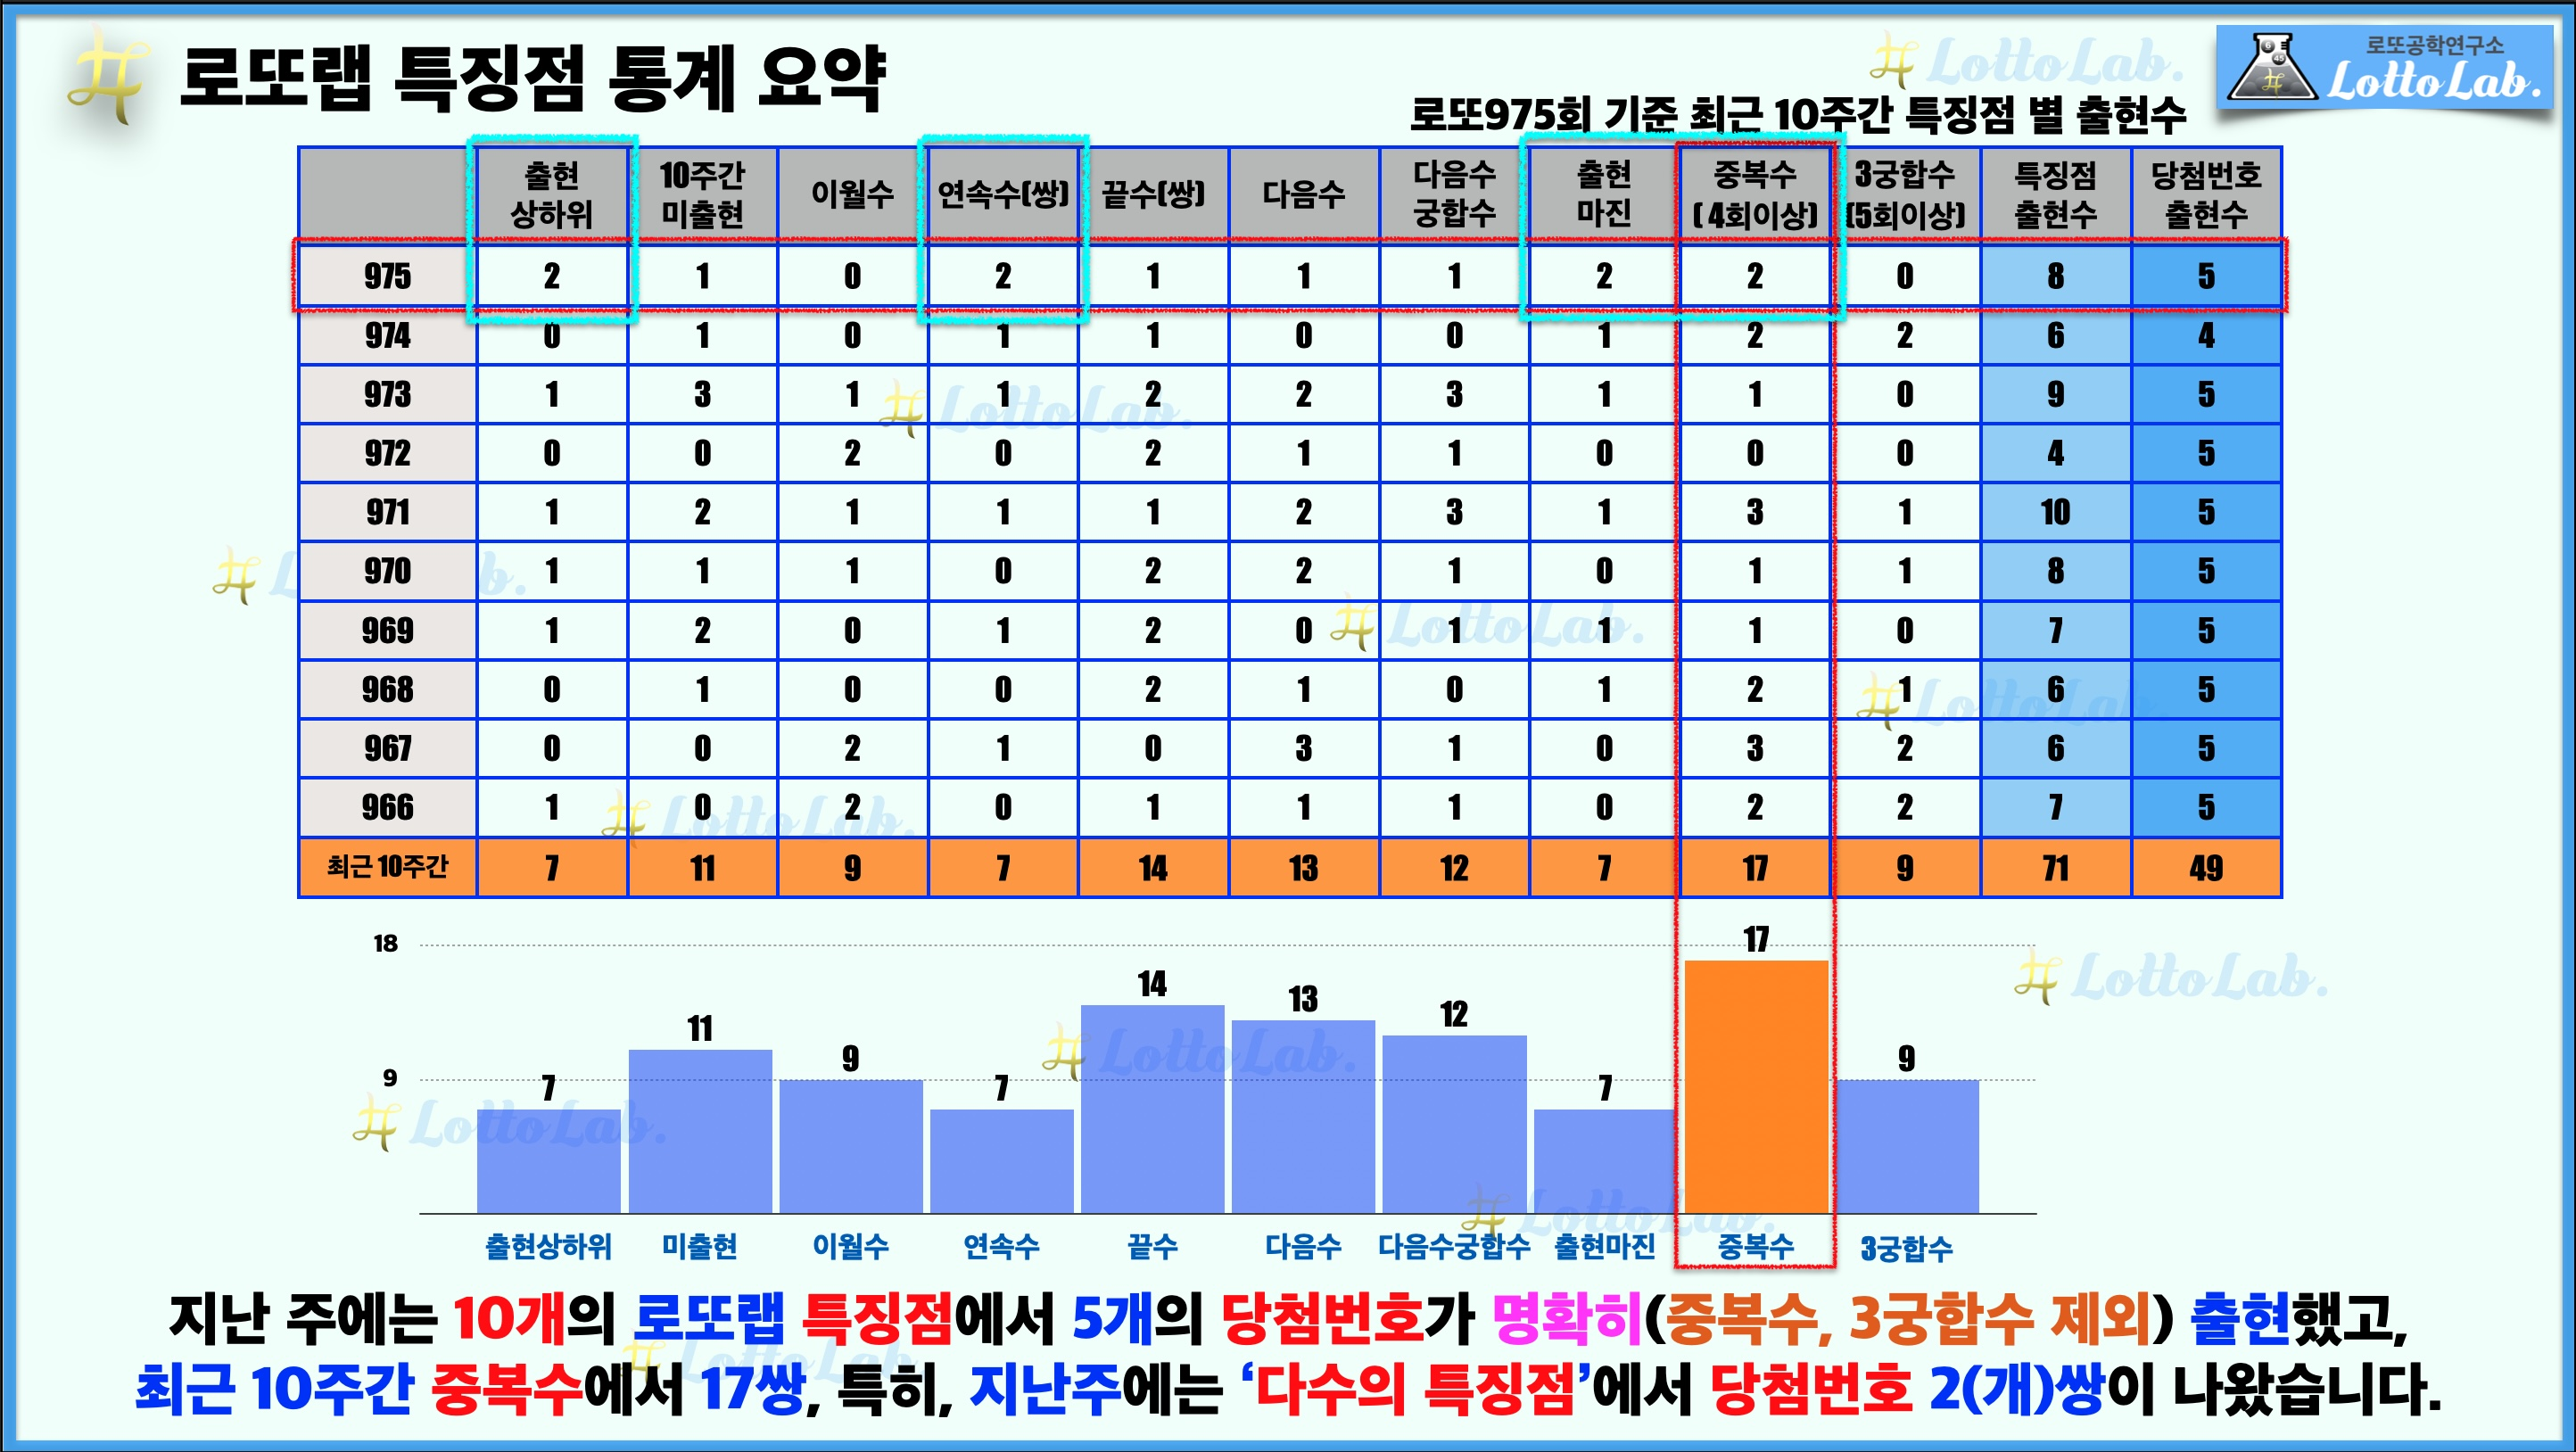 로또랩 로또 975 최근 10주간 특징점 당첨번호 출현 결과.